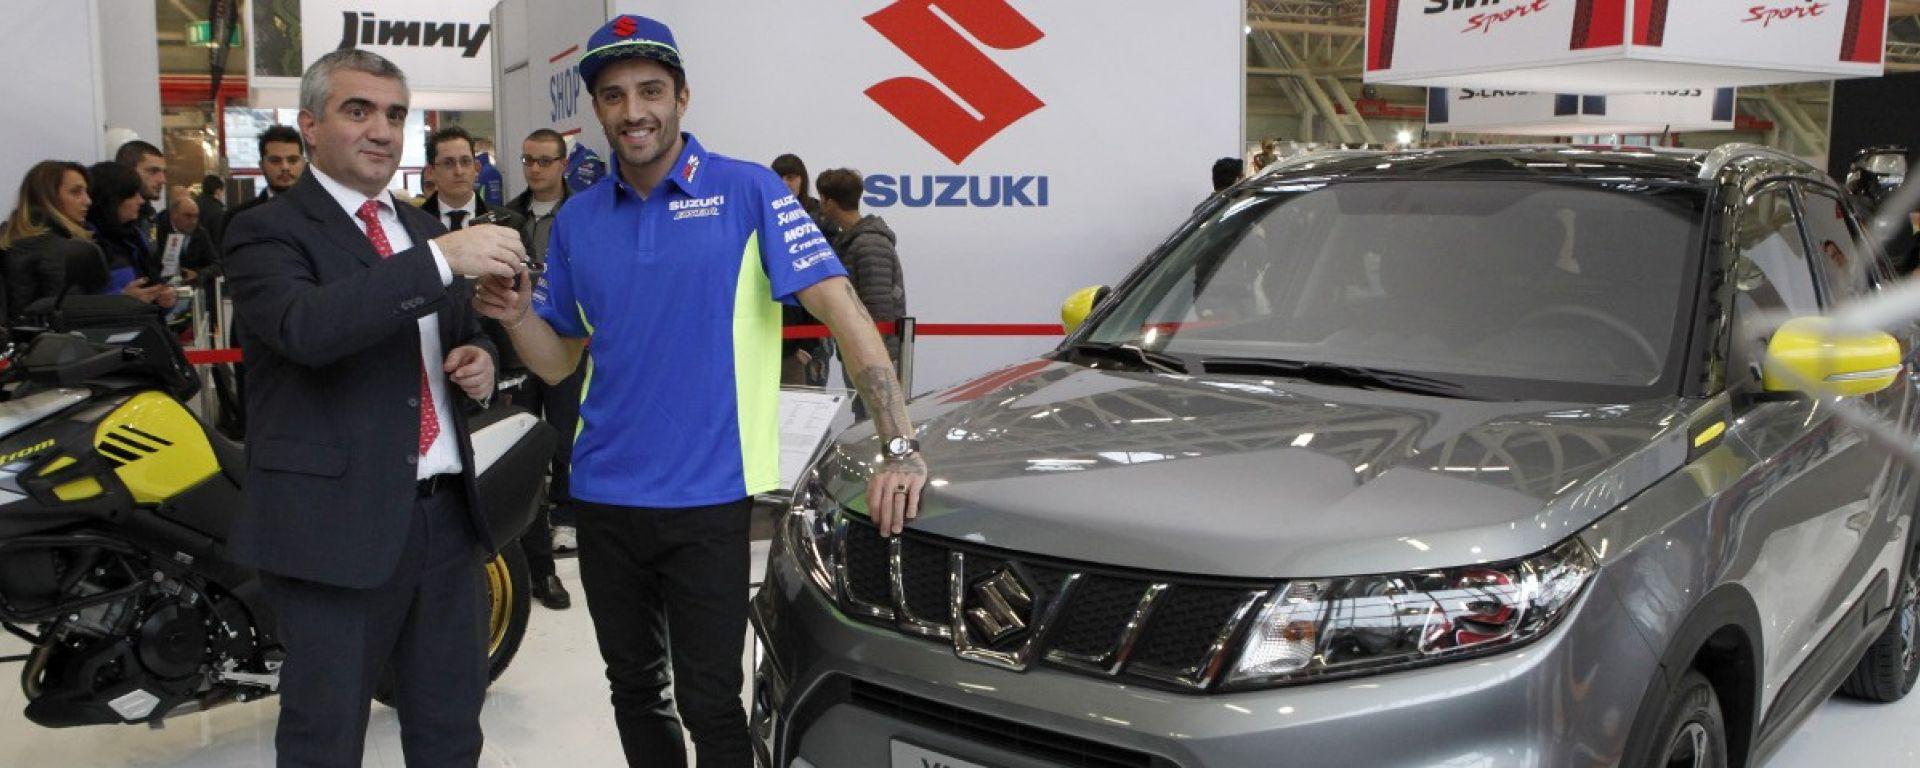 Andrea Iannone e la Suzuki Vitara XT